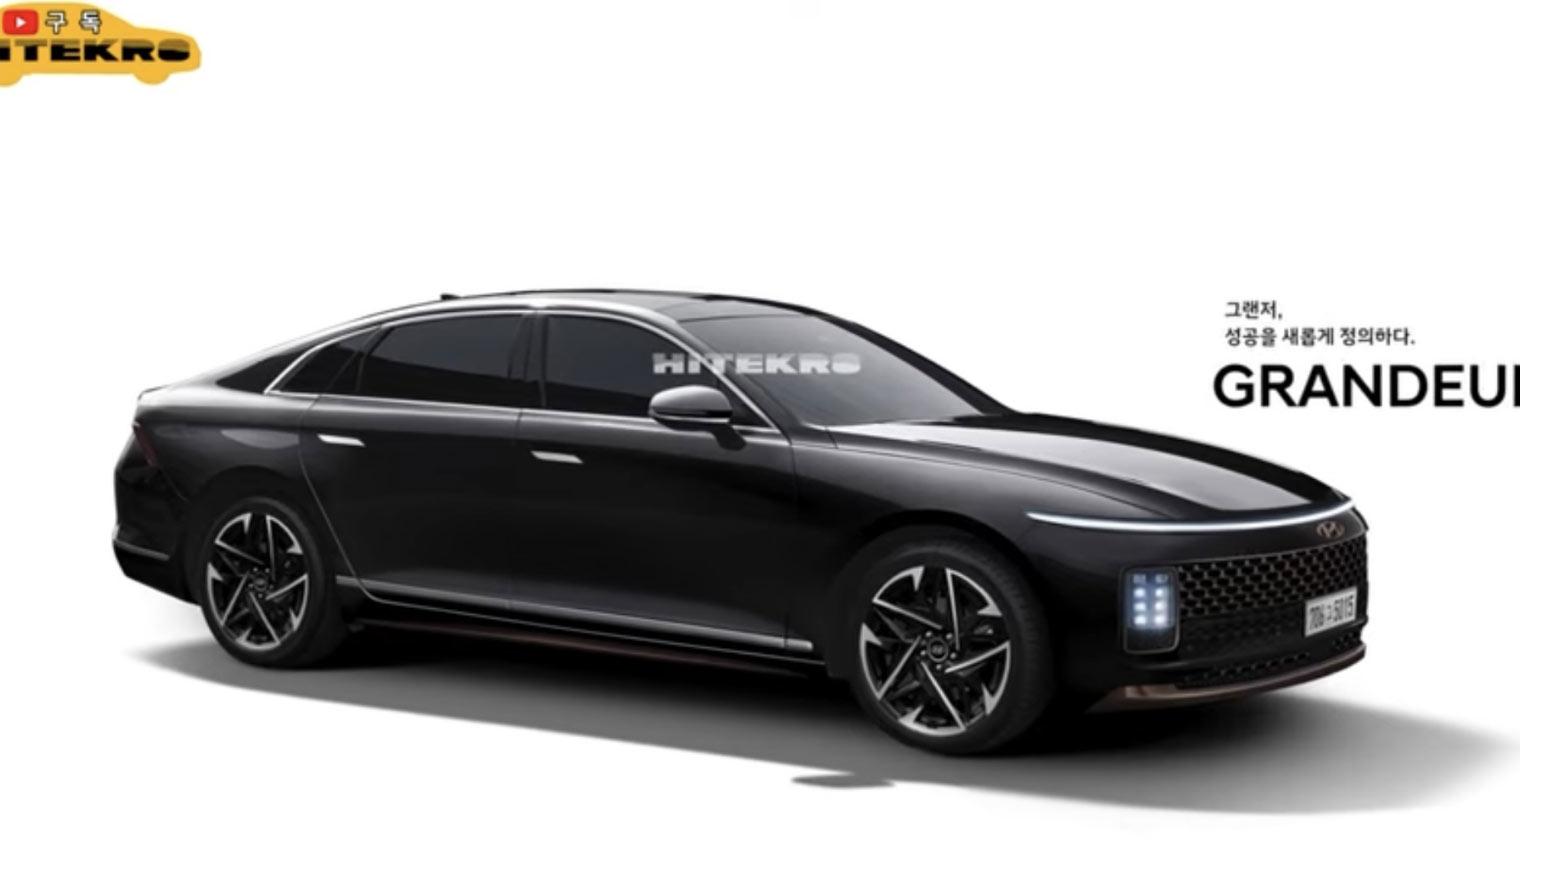 Ảnh phác họa thiết kế của Hyundai Grandeur thế hệ tiếp theo